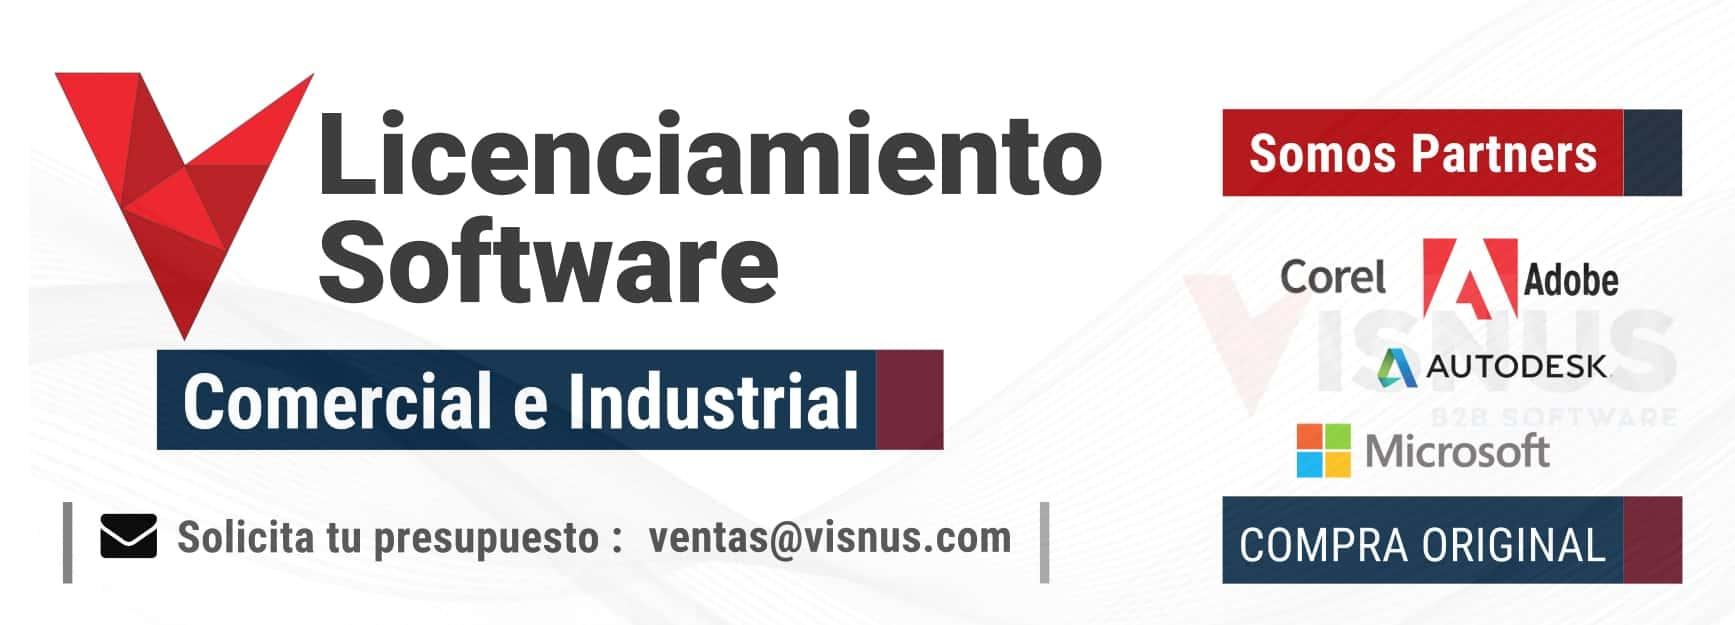 Visnus distribuidor de licencias de software. Compra software online con nosotros